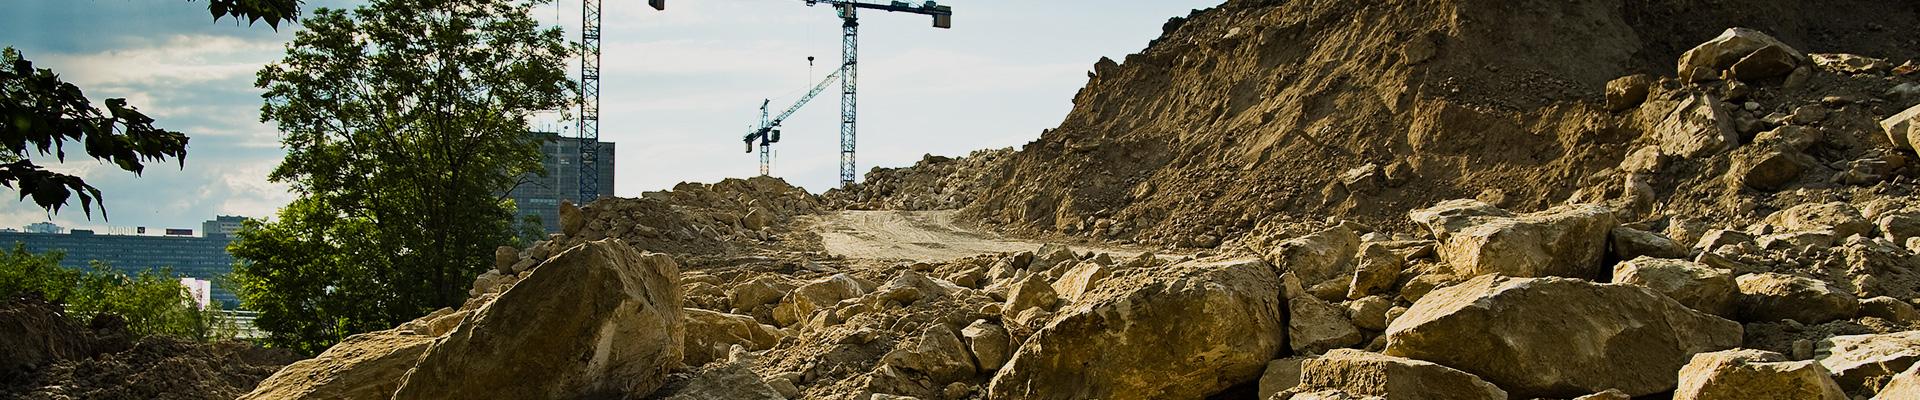 Remediacjca terenów zanieczyszczonych